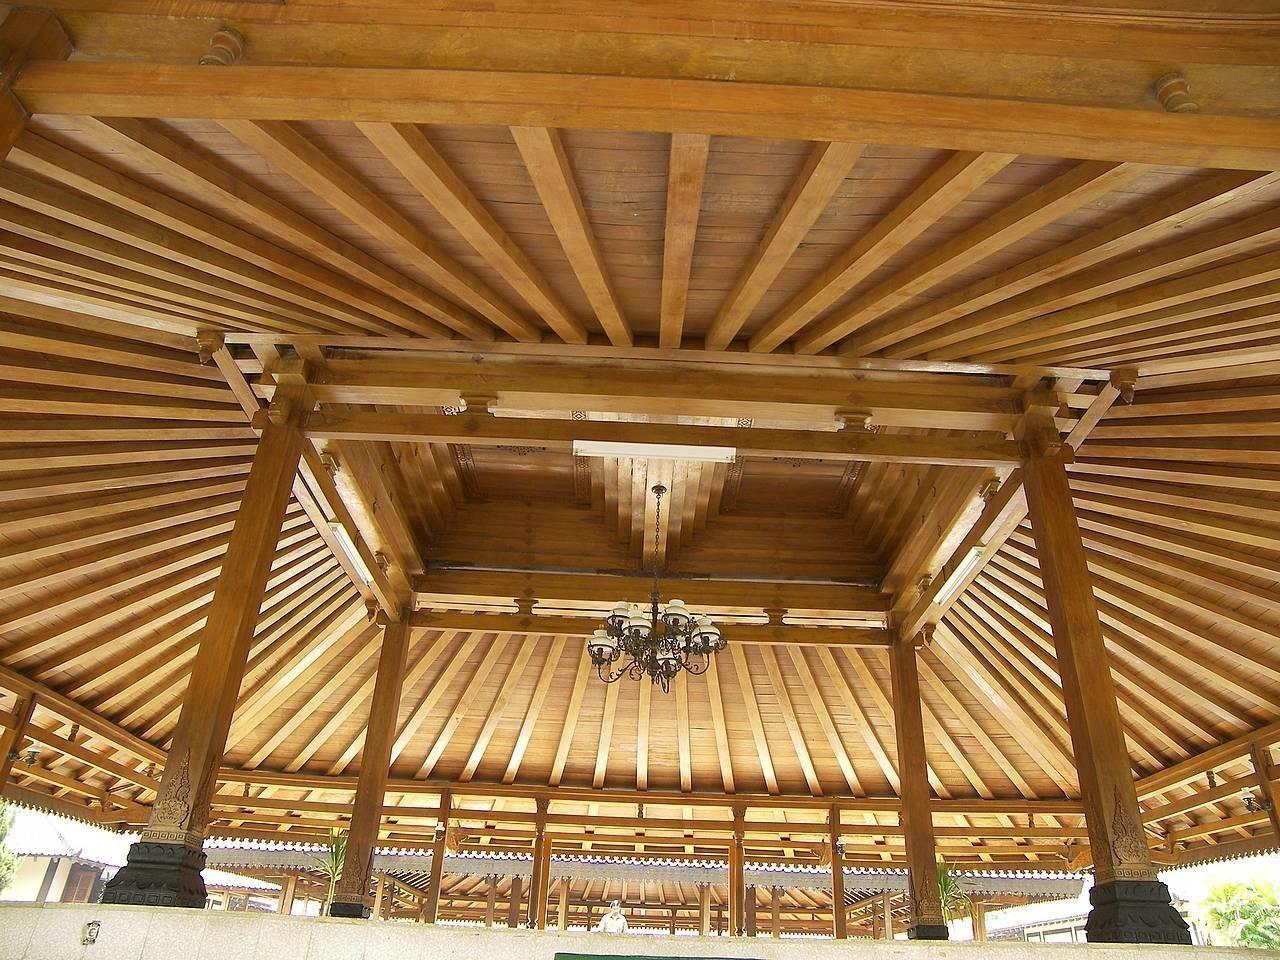 Realizzare un tetto in legno lamellare il tetto realizzare un tetto in legno lamellare - Realizzare un tavolo in legno ...